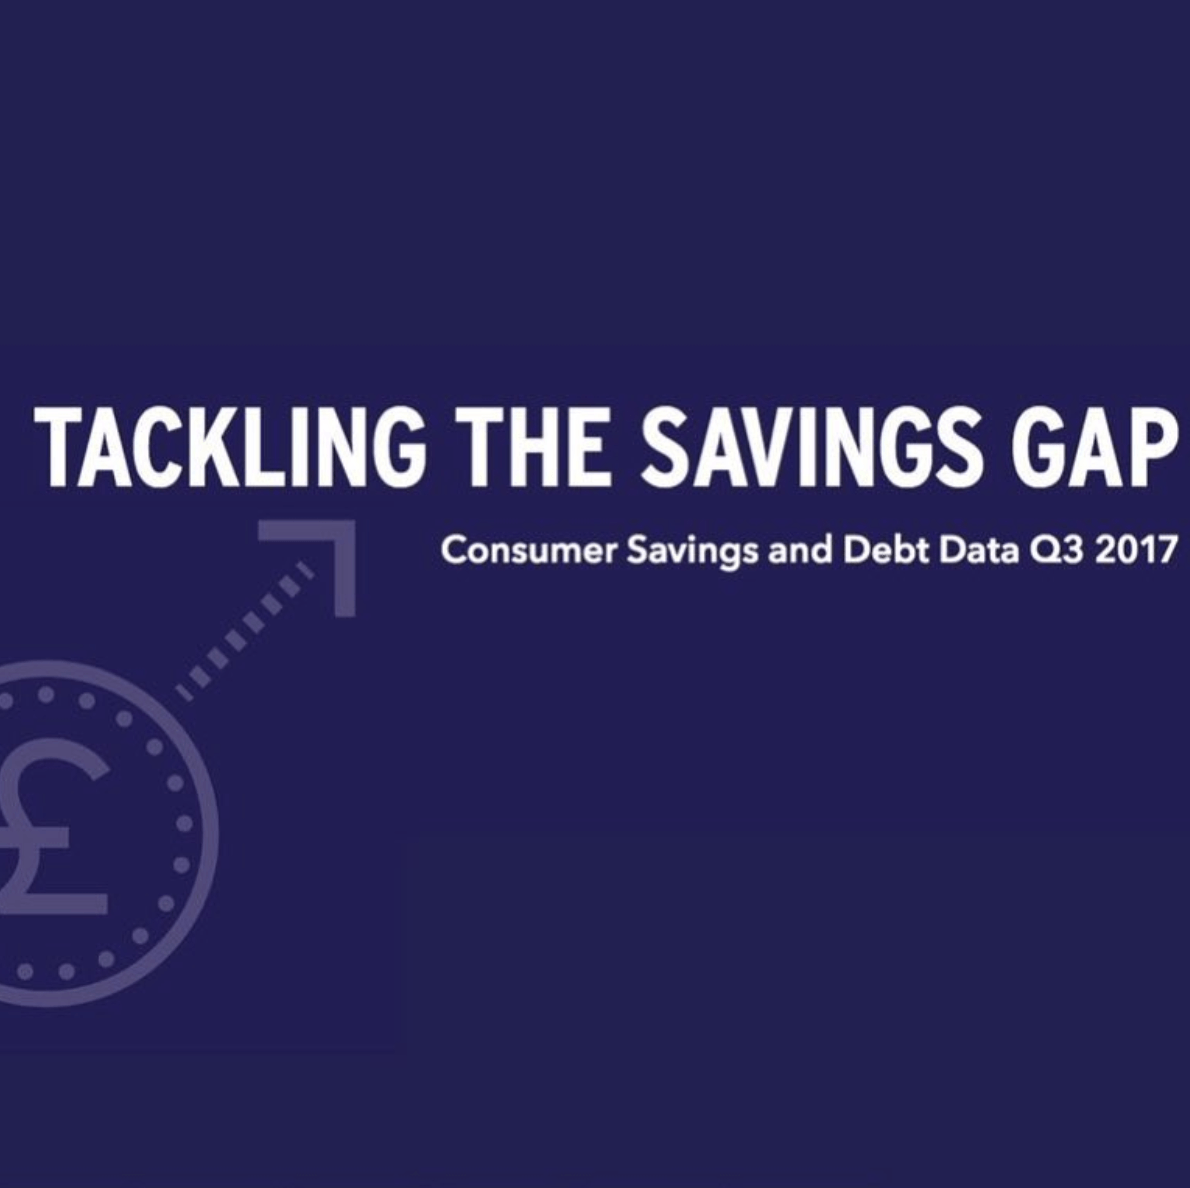 Tackling The Savings Gap Q3 2017